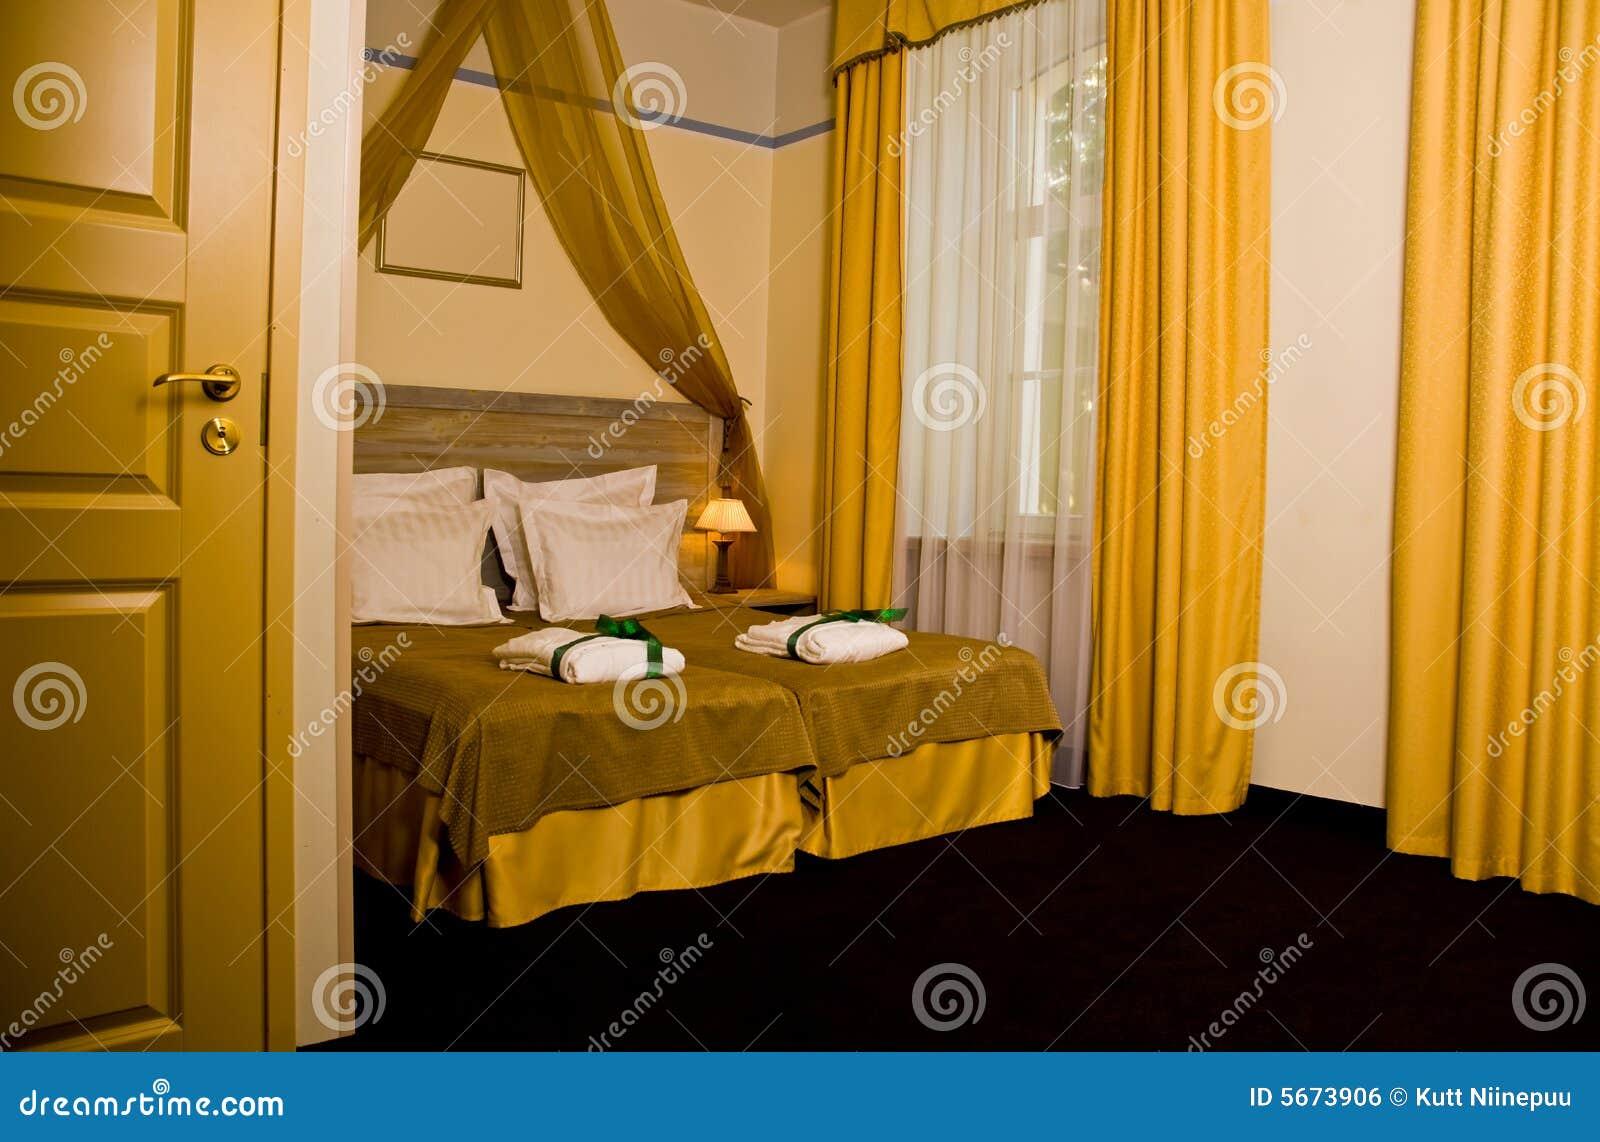 Bed Gordijn 9 : Geel gordijn stock foto afbeelding bestaande uit hotel